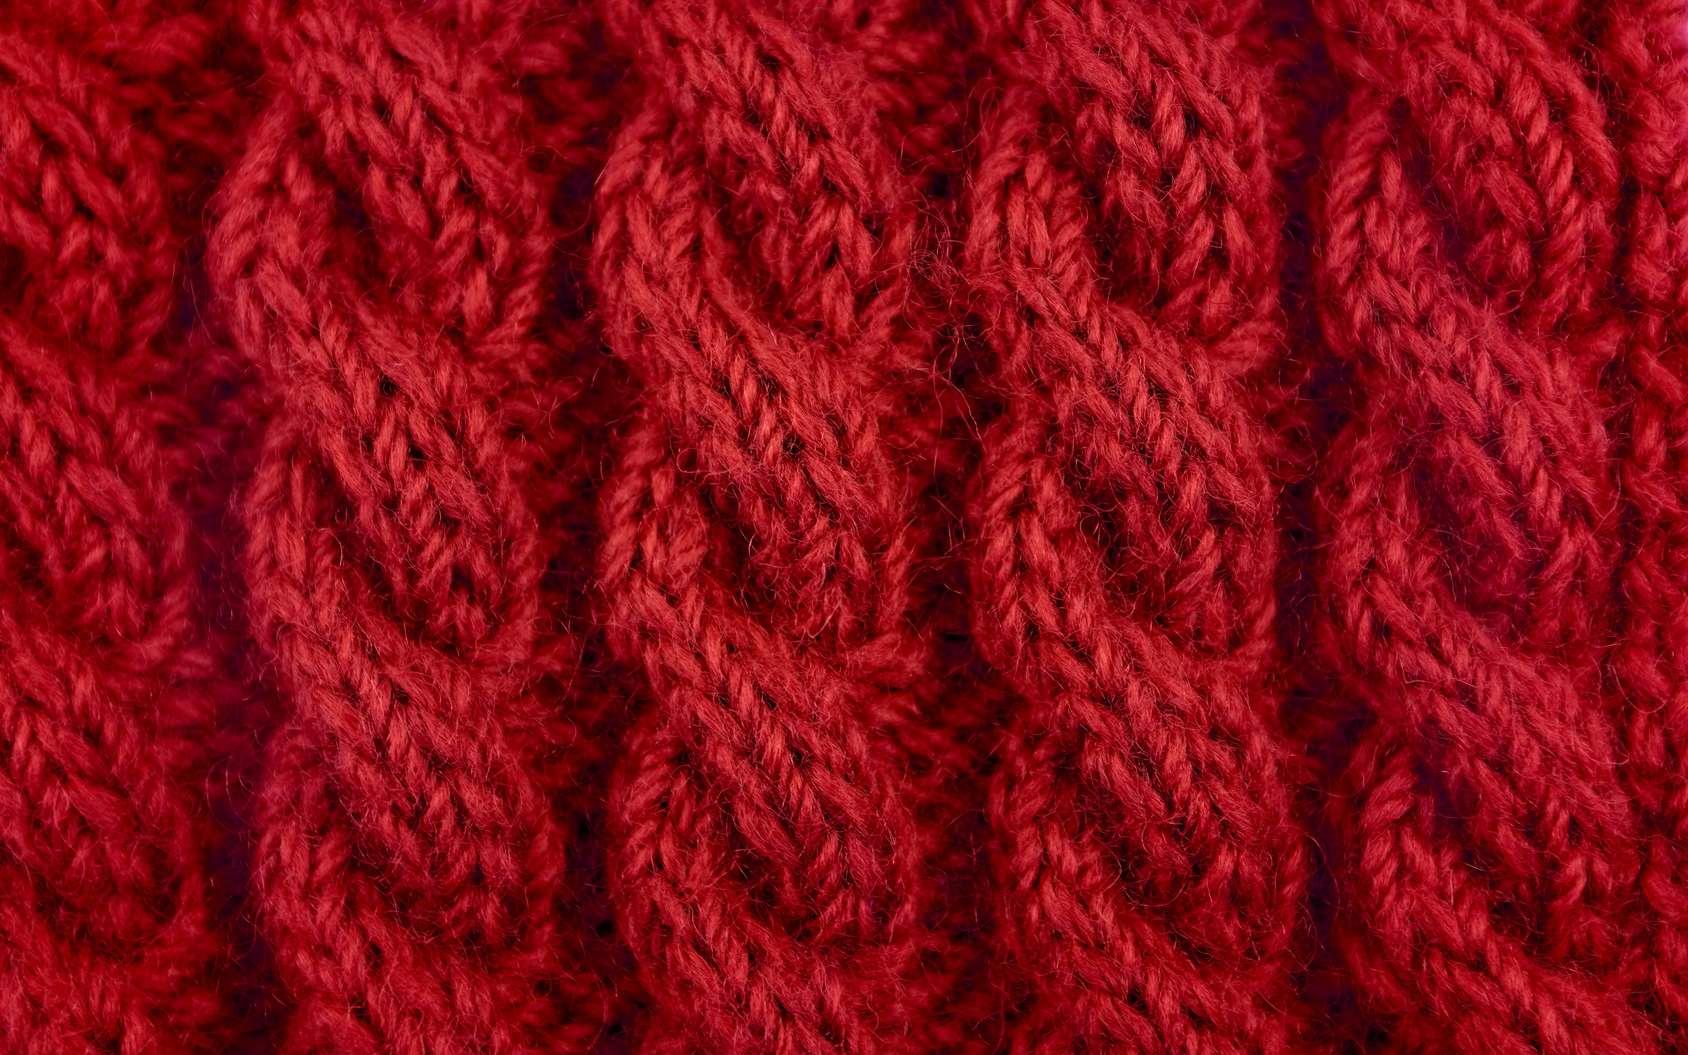 La laine gratte lorsque la fibre est épaisse et rigide. © sarahdoow - Fotolia.com